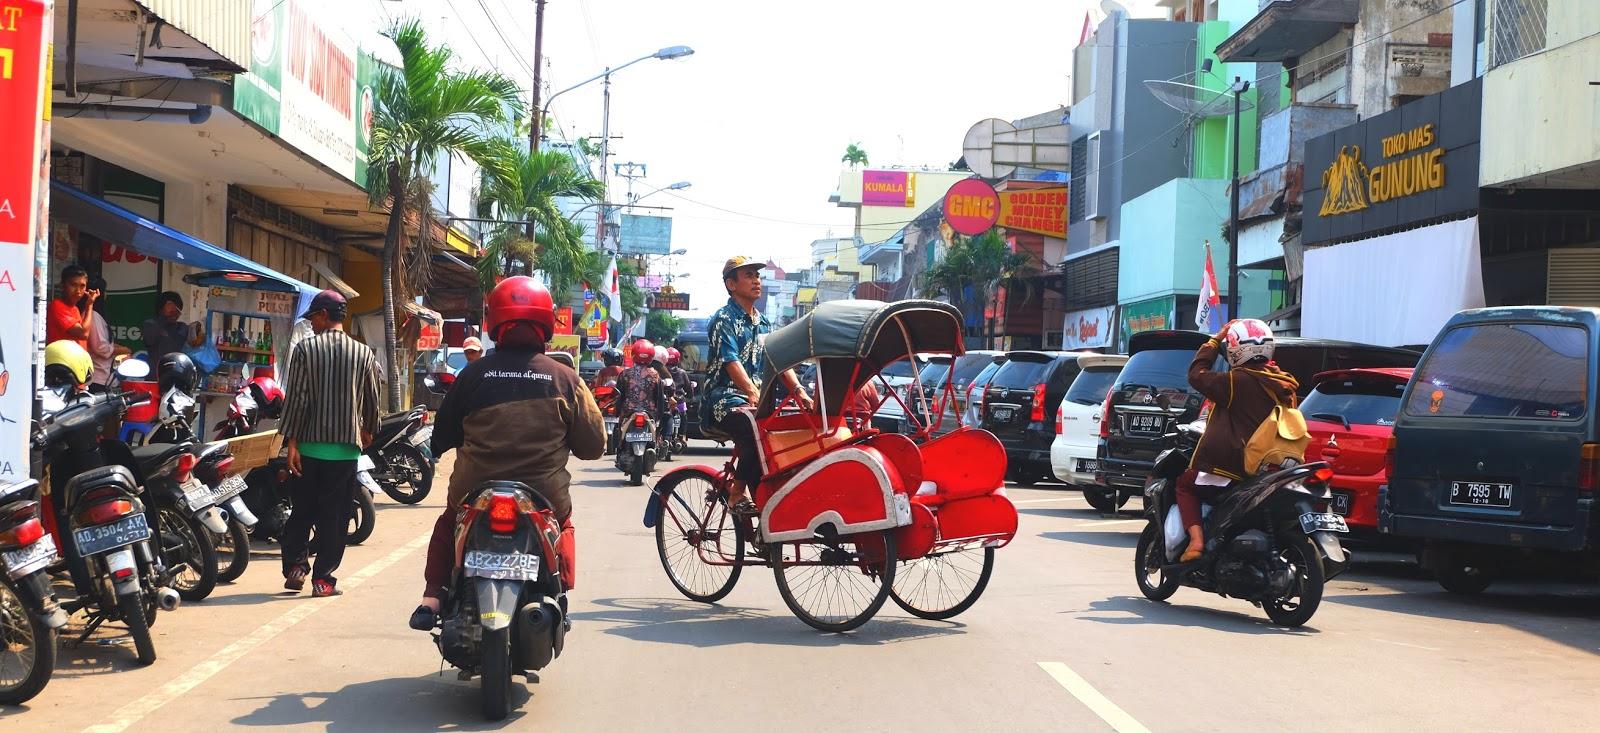 Solo-Surakarta nyüzsgő belvárosa